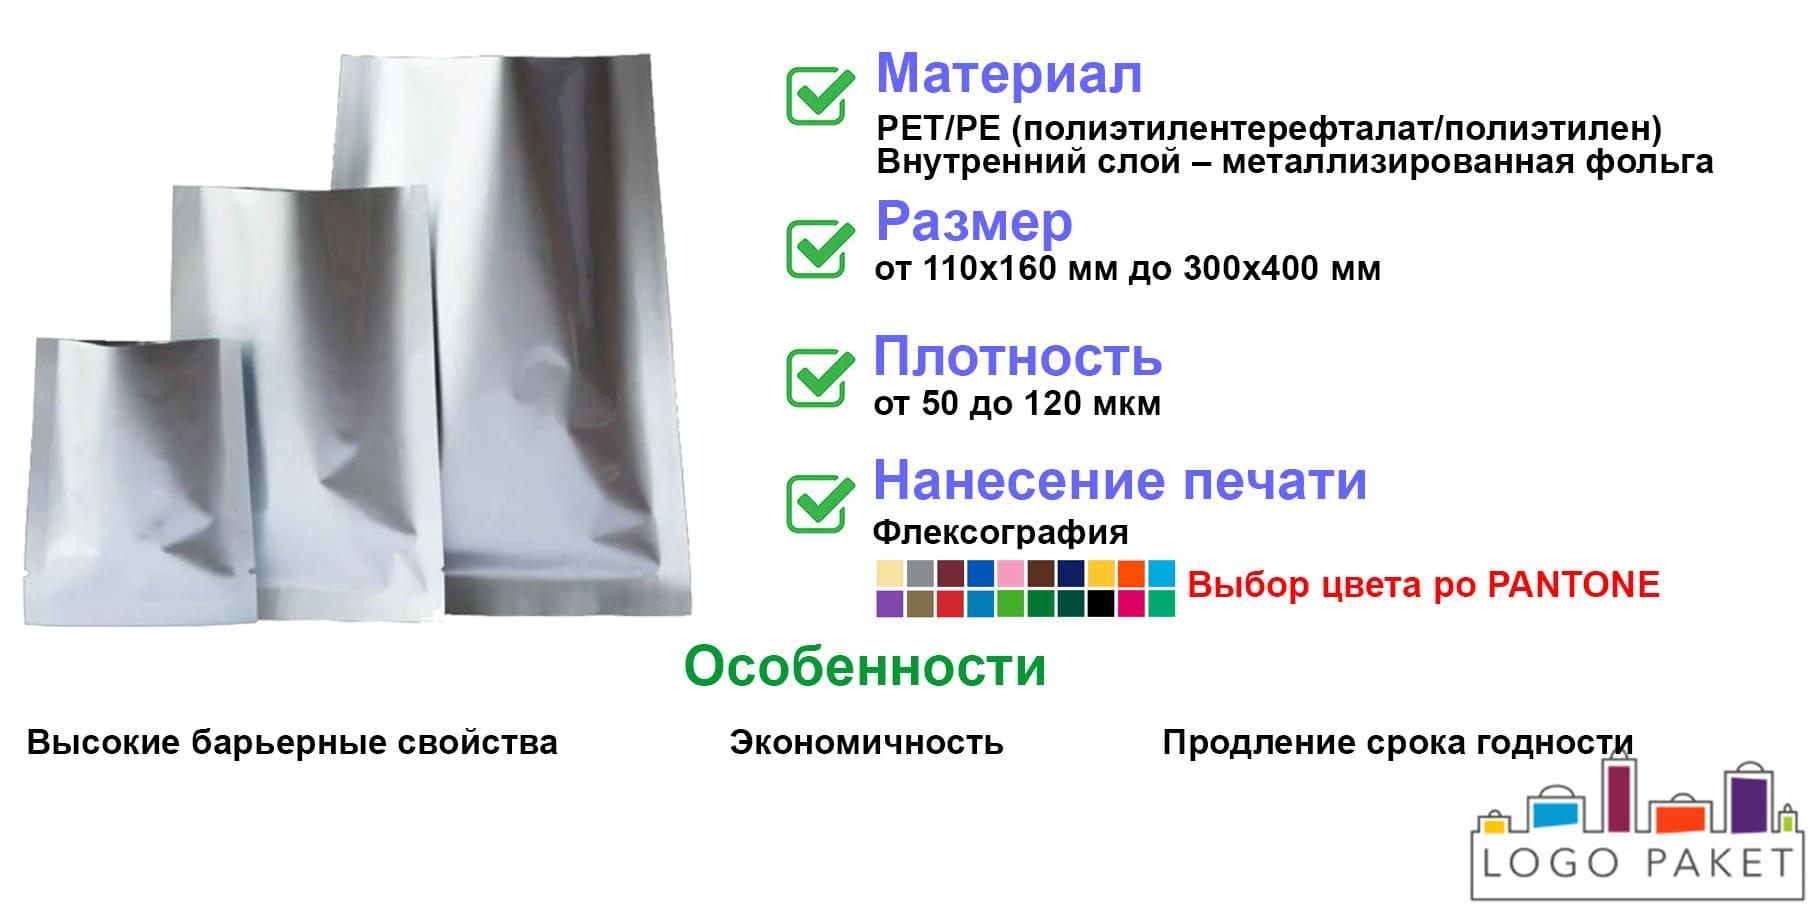 Вакуумные пакеты металлизированные инфографика